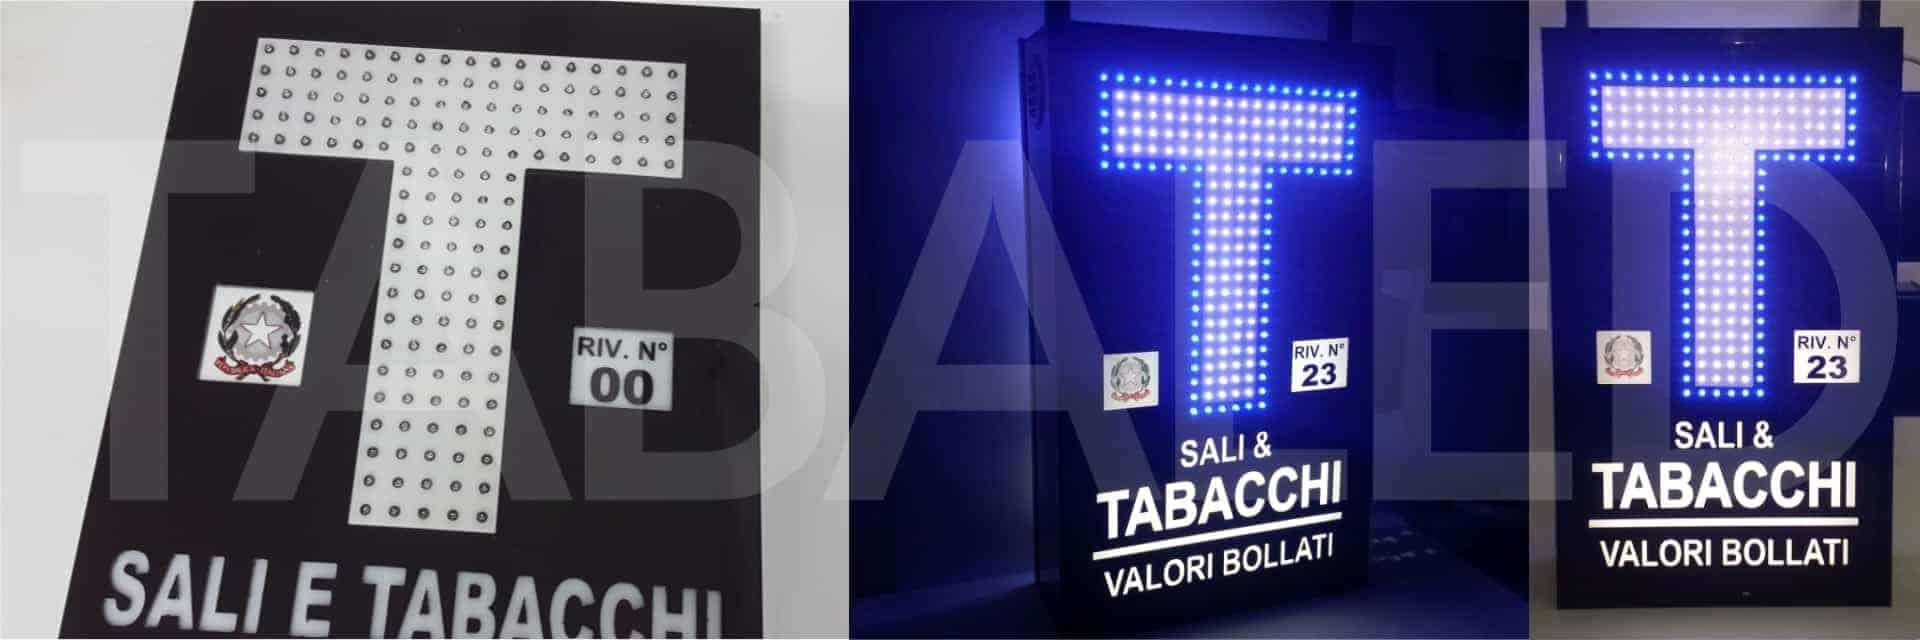 insegna per tabacchi